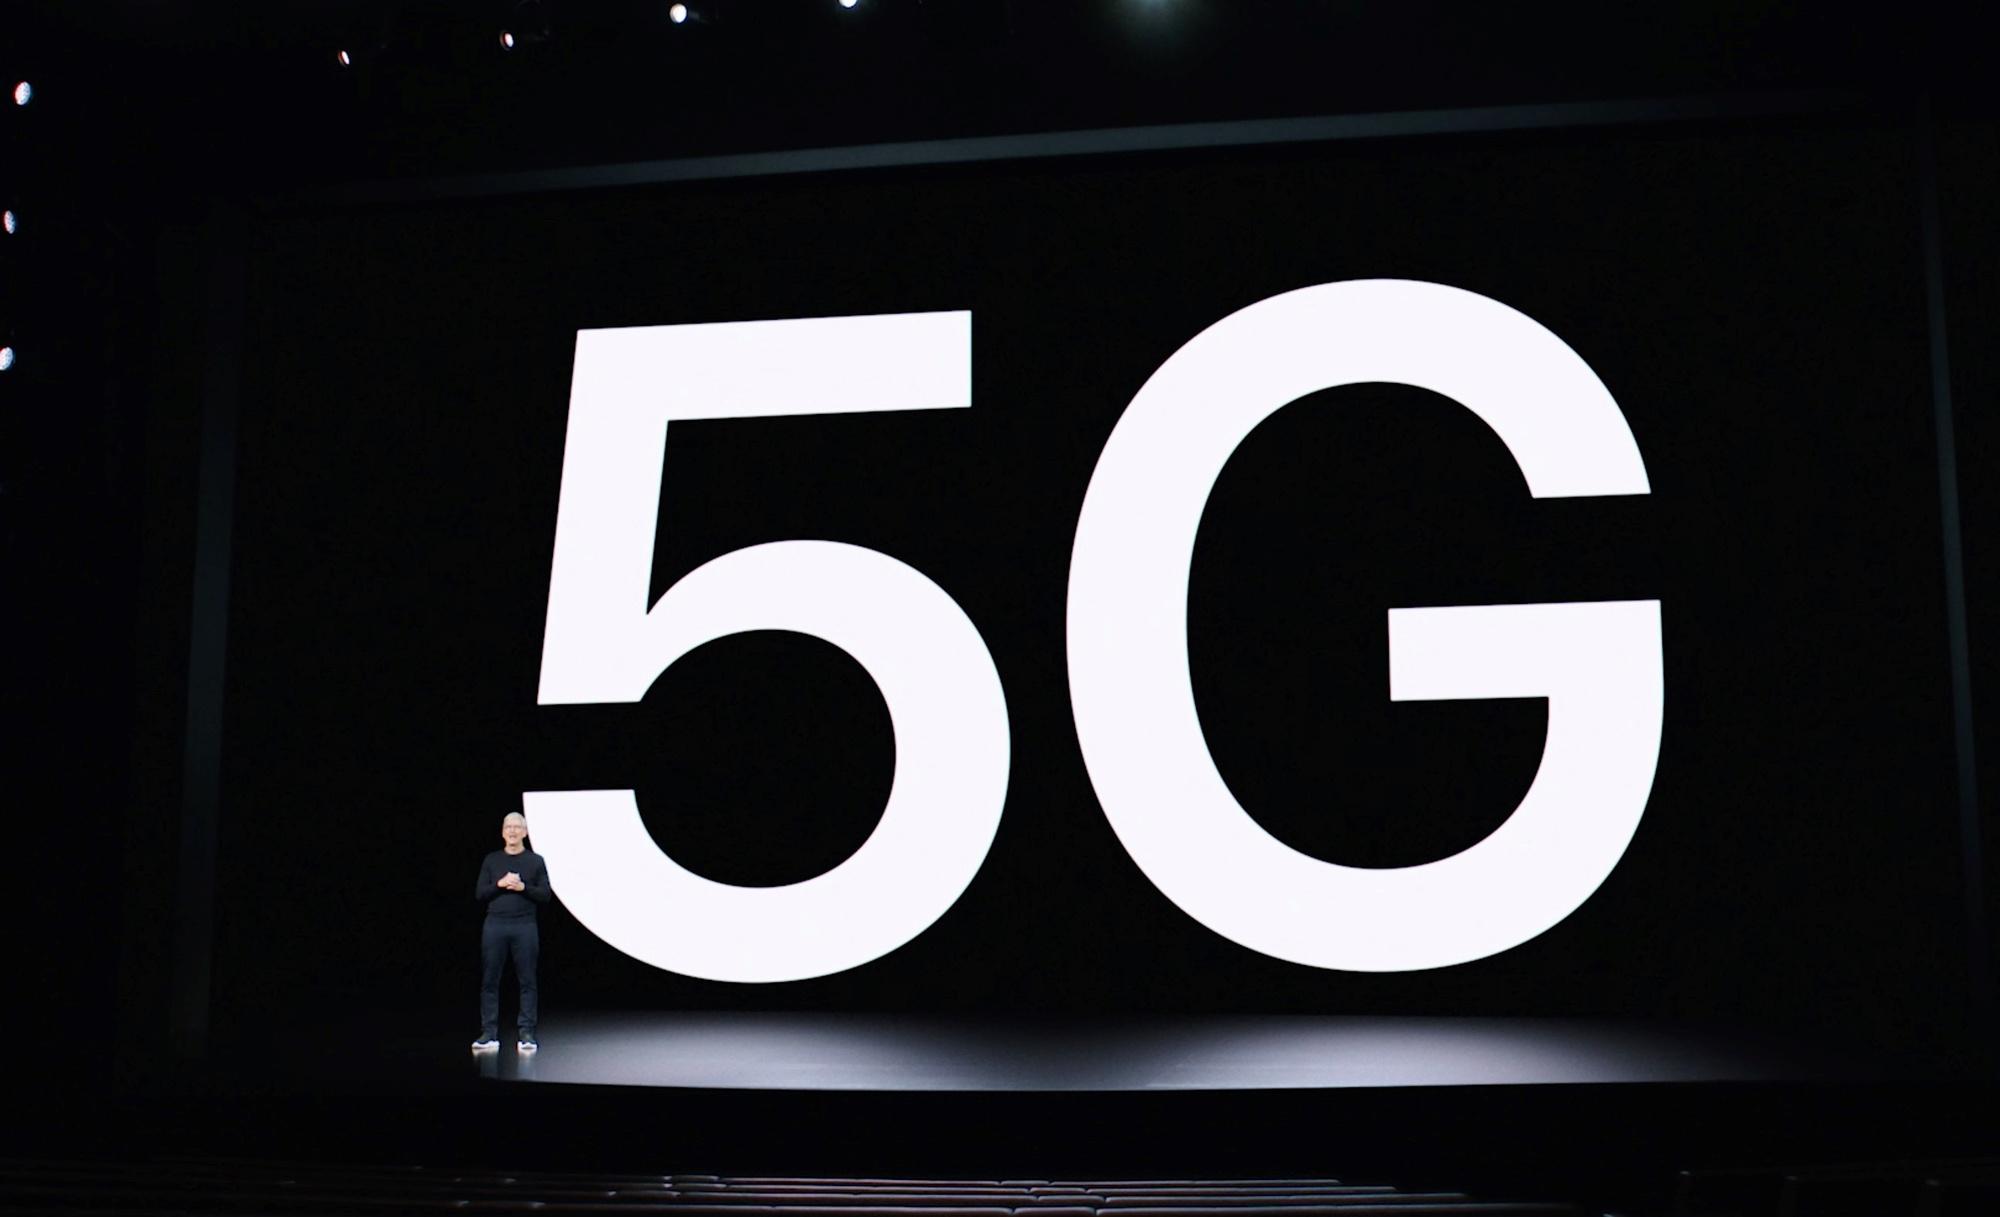 Le directeur d'Apple, Tim Cook, introduit les premiers iPhone équipés de la technologie 5G., Apple